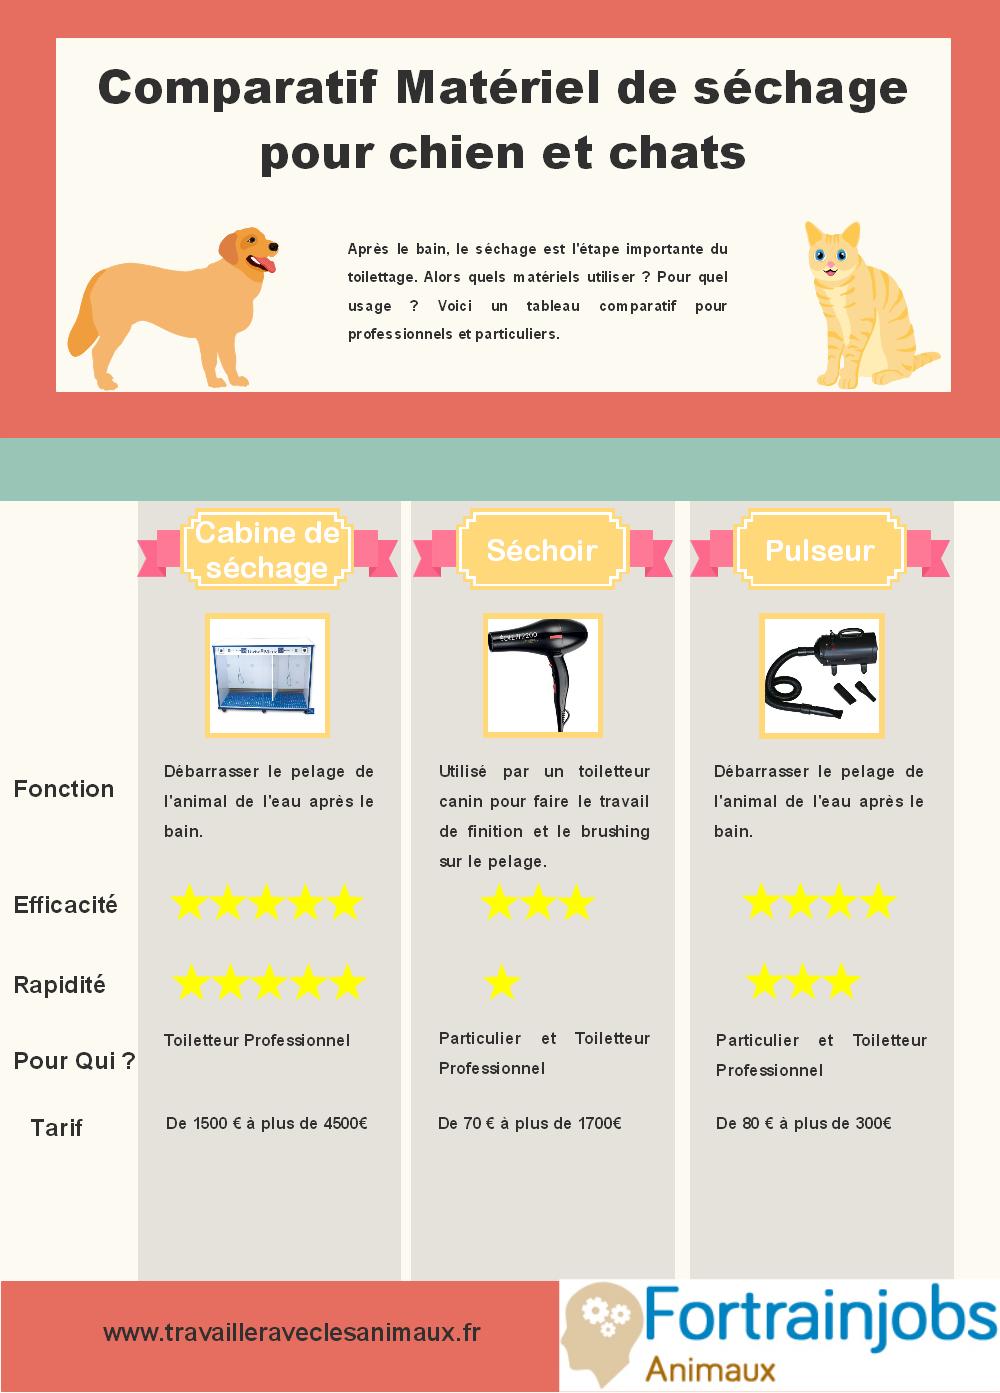 Infographie cabine de séchage, séchoir et pulseur pour Chiens et Chats